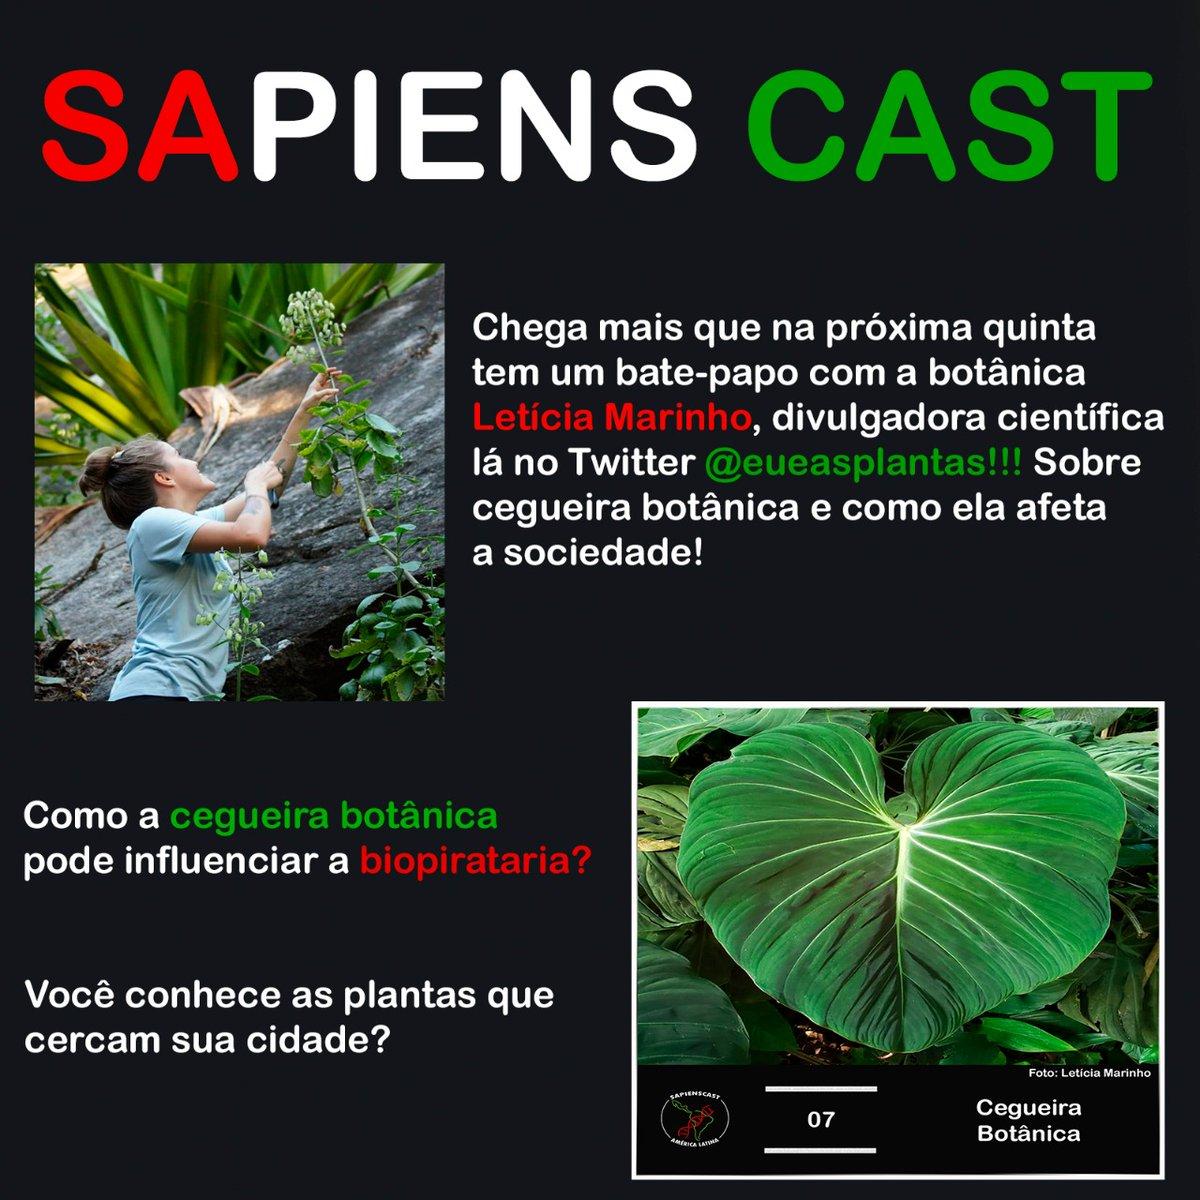 Semana que vem tem novidade!! Quinta-feira sai um novo episódio do @CastSapiens e nele tivemos uma conversa super legal sobre a cegueira botânica.  Espero que curtam ouvir tanto quanto curtimos gravar! 💚🌿